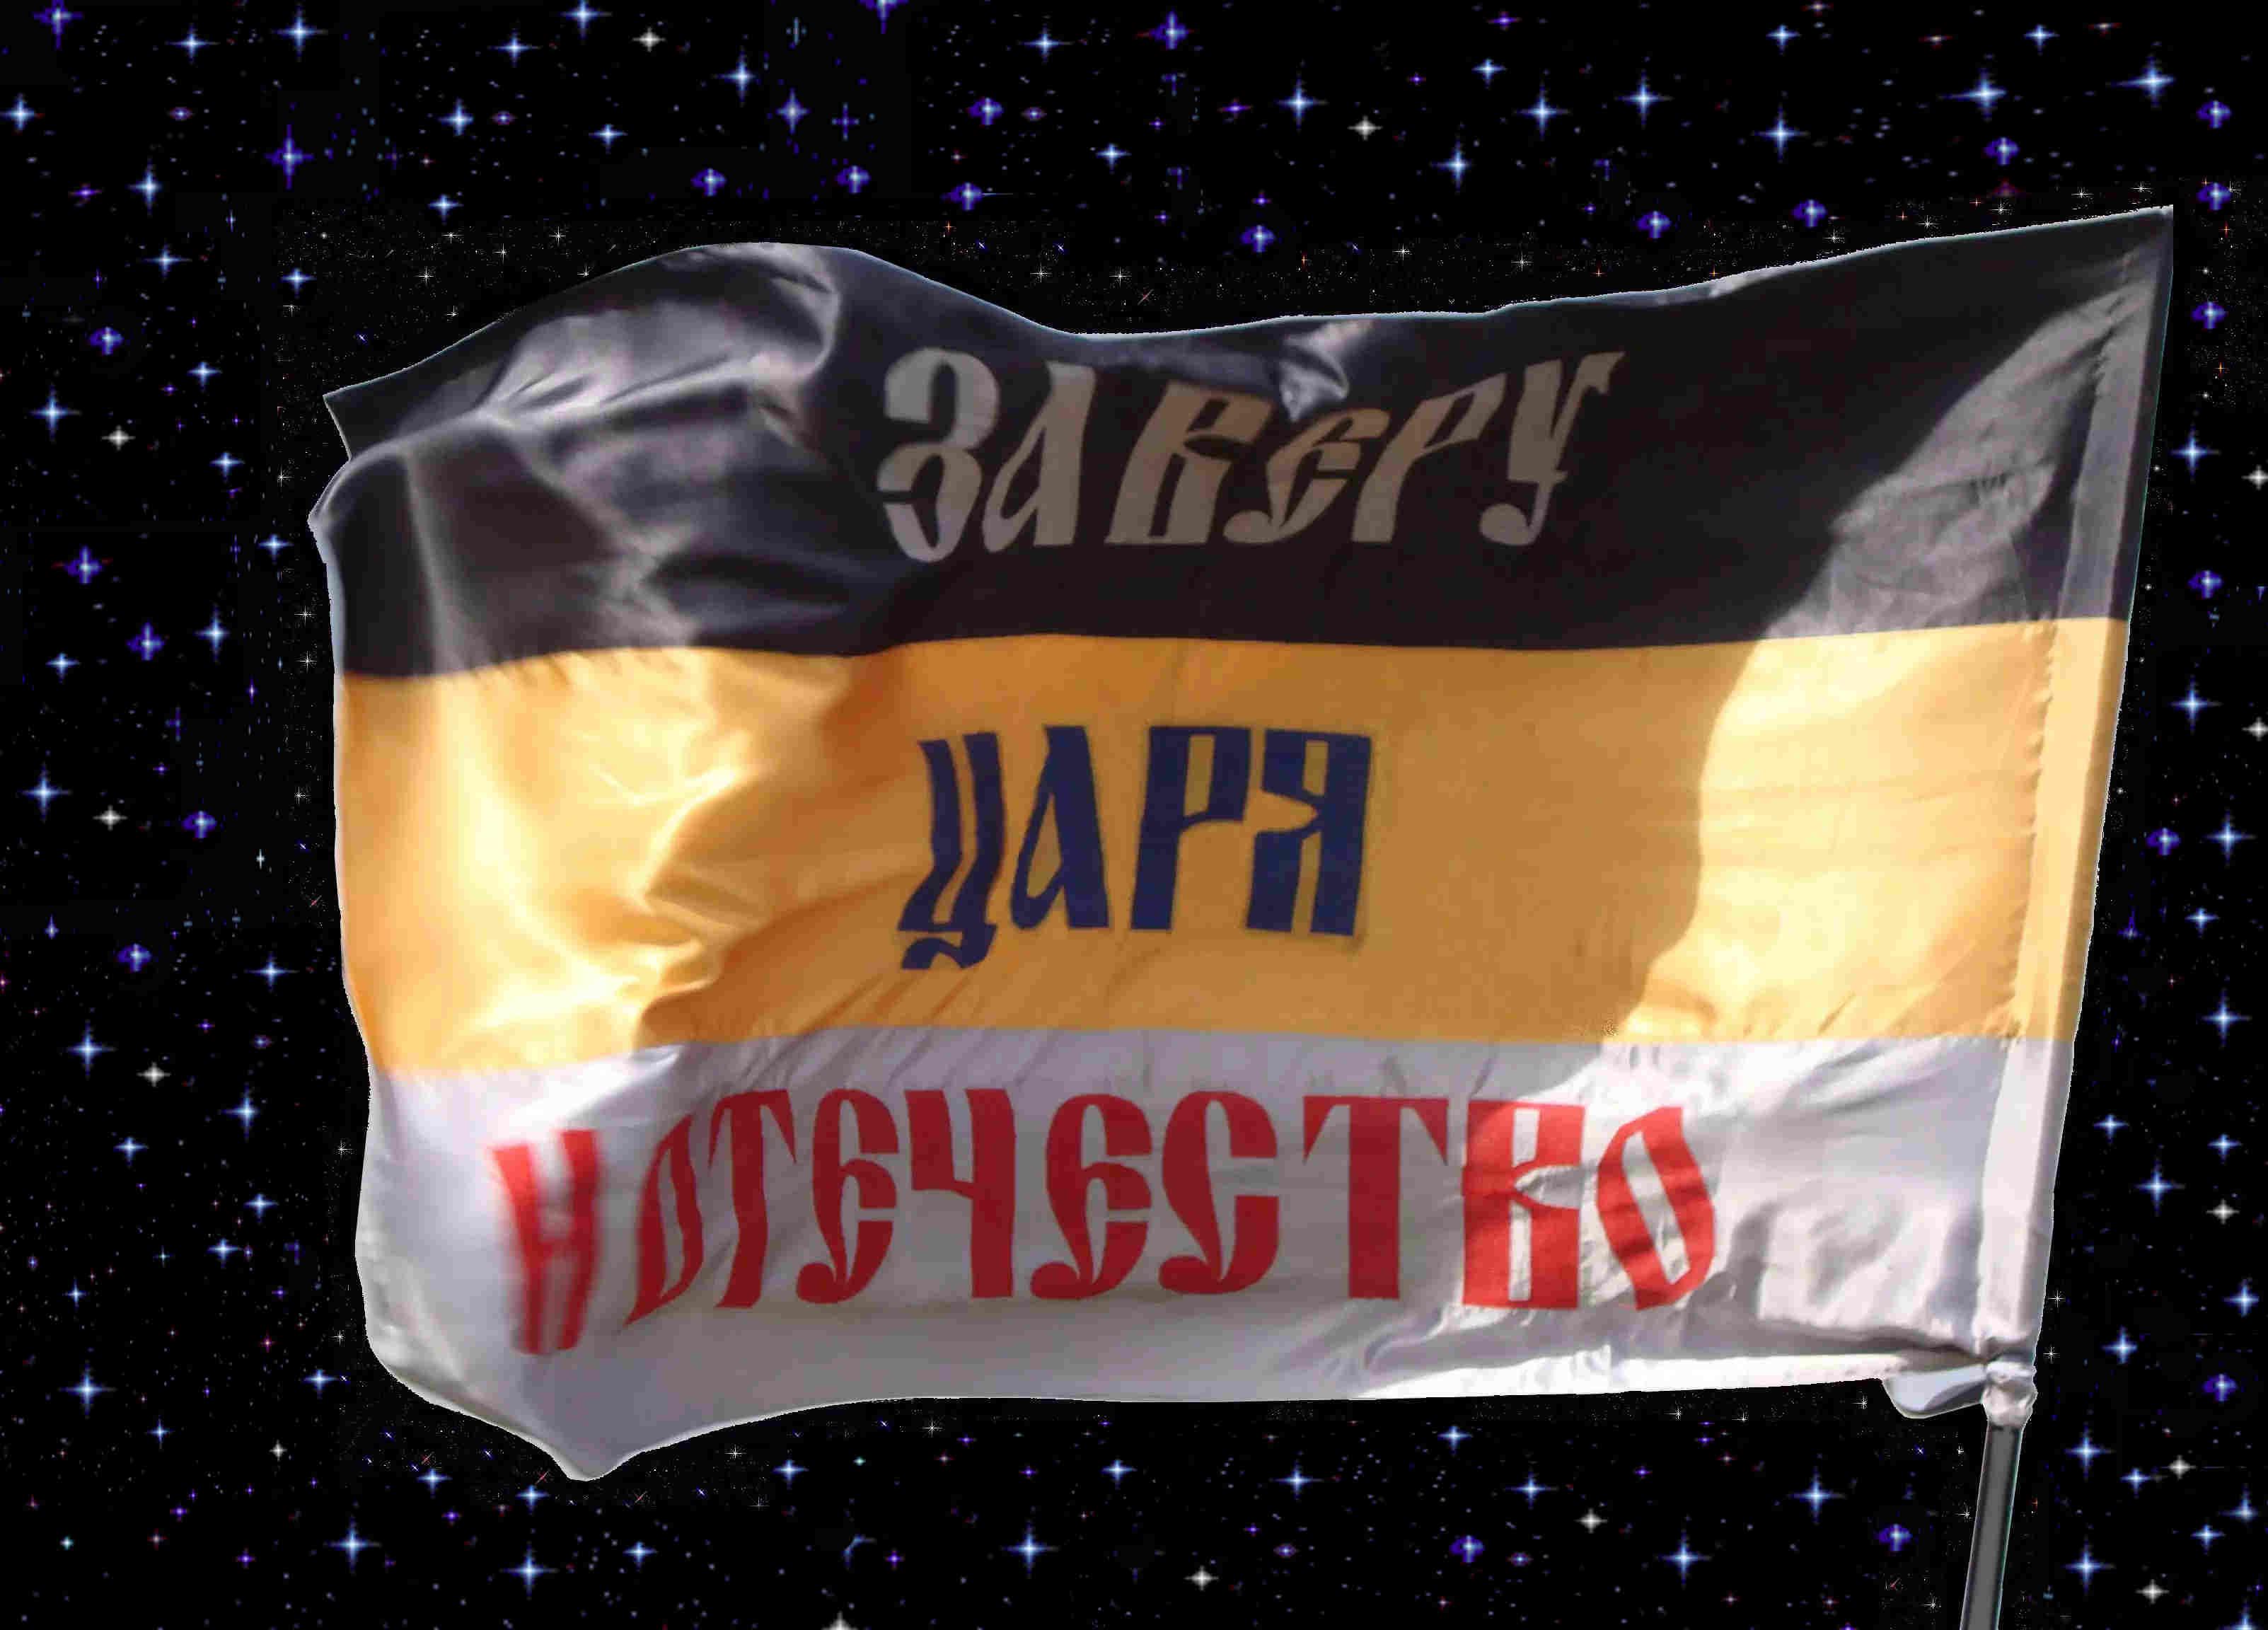 161 год назад указом Императора Александра II чёрно-жёлто-белый флаг стал государственным символом Российской Империи.. Поздравляем всех Б☦лых казаков с днём Имперского Русского флага.